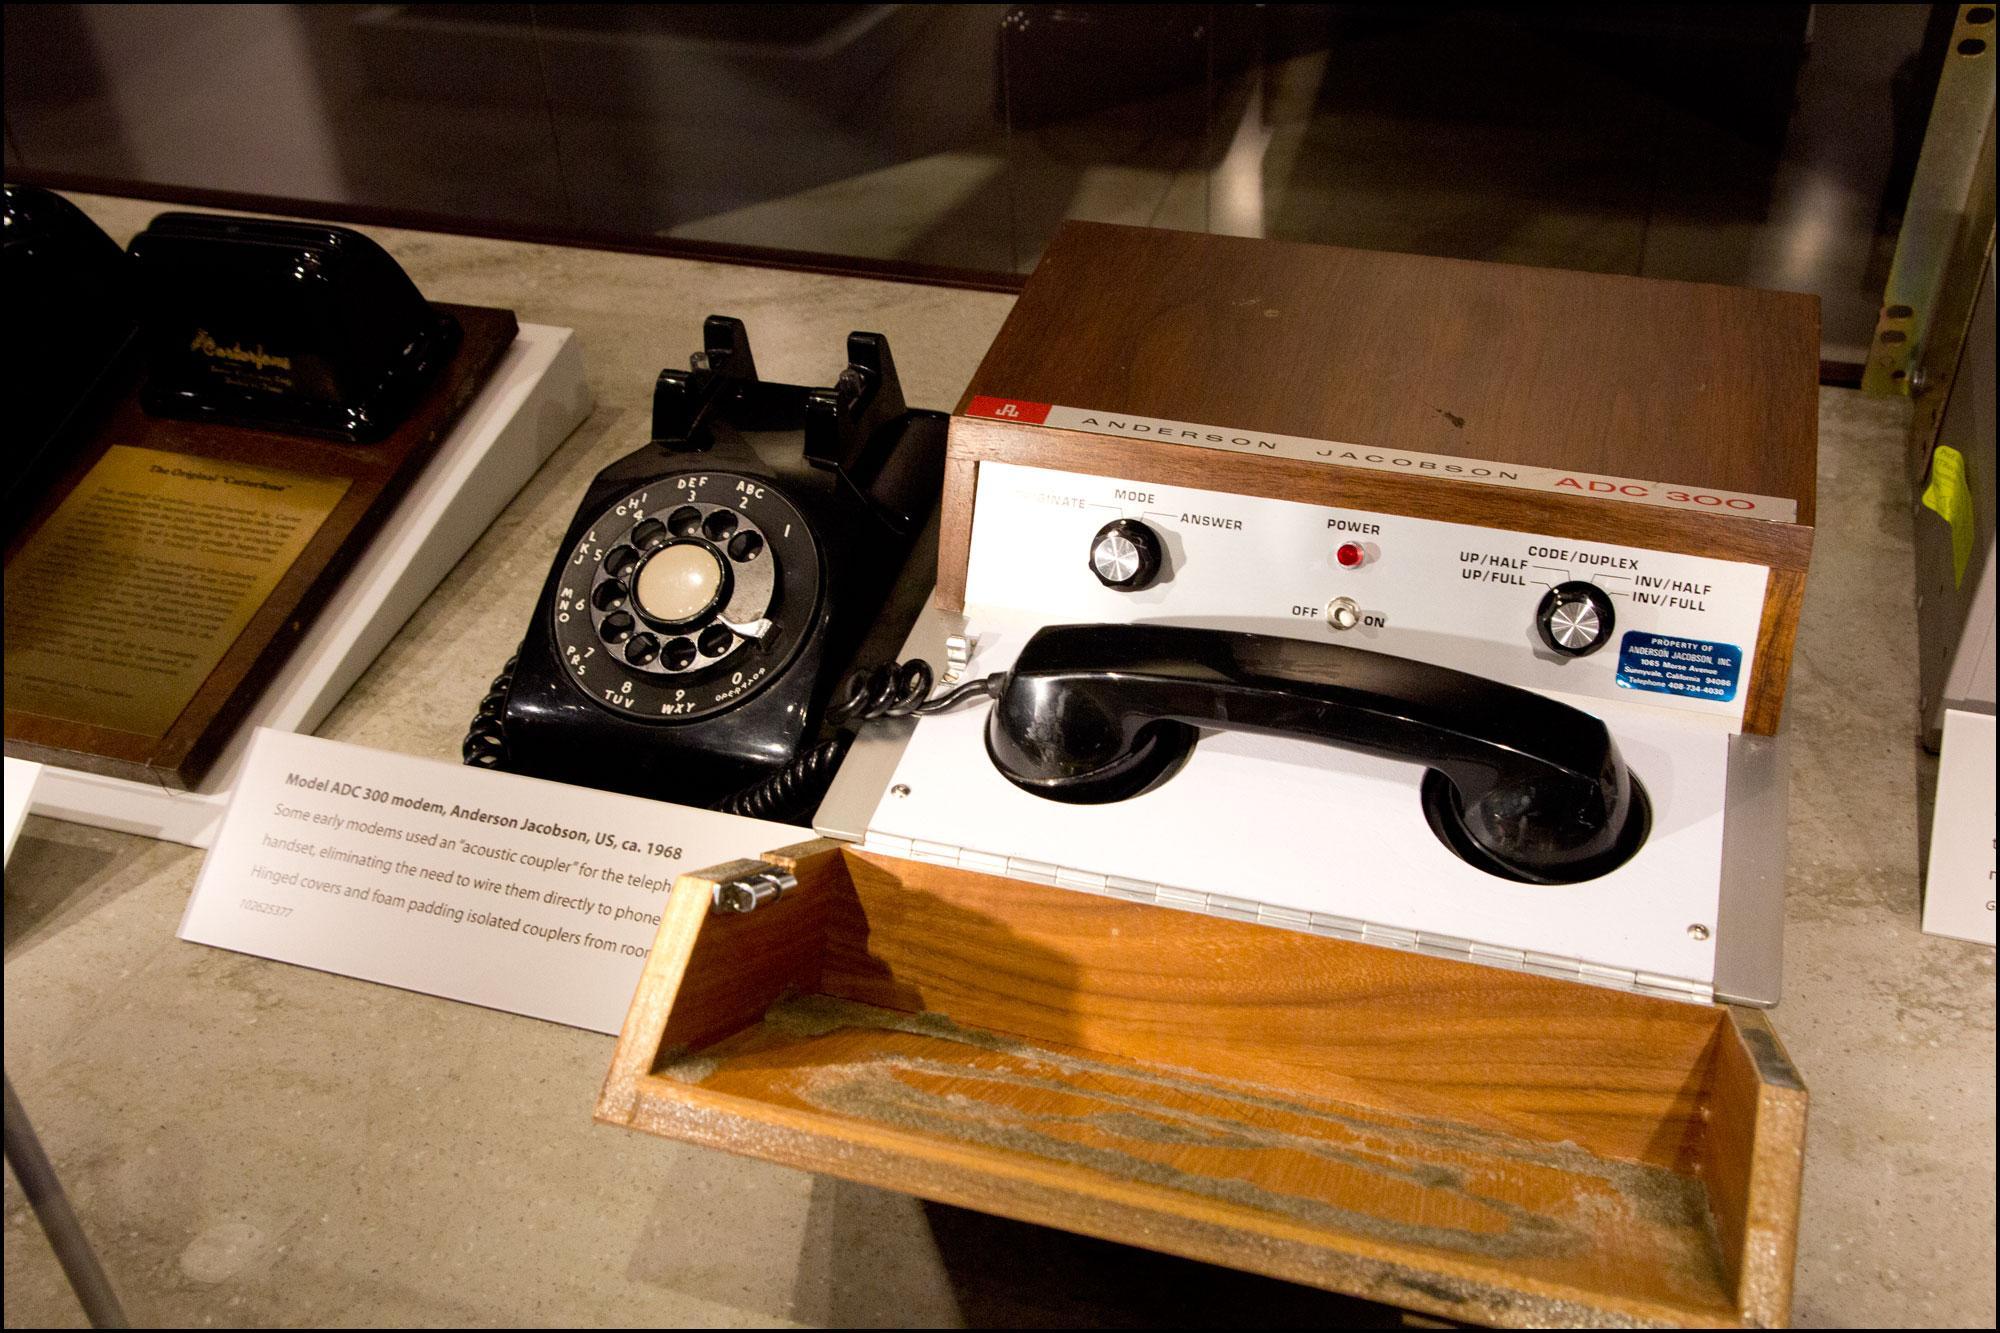 På 60-tallet brukte man telefoner for å sende data mellom maskiner.Foto: Jørgen Elton Nilsen/Hardware.no